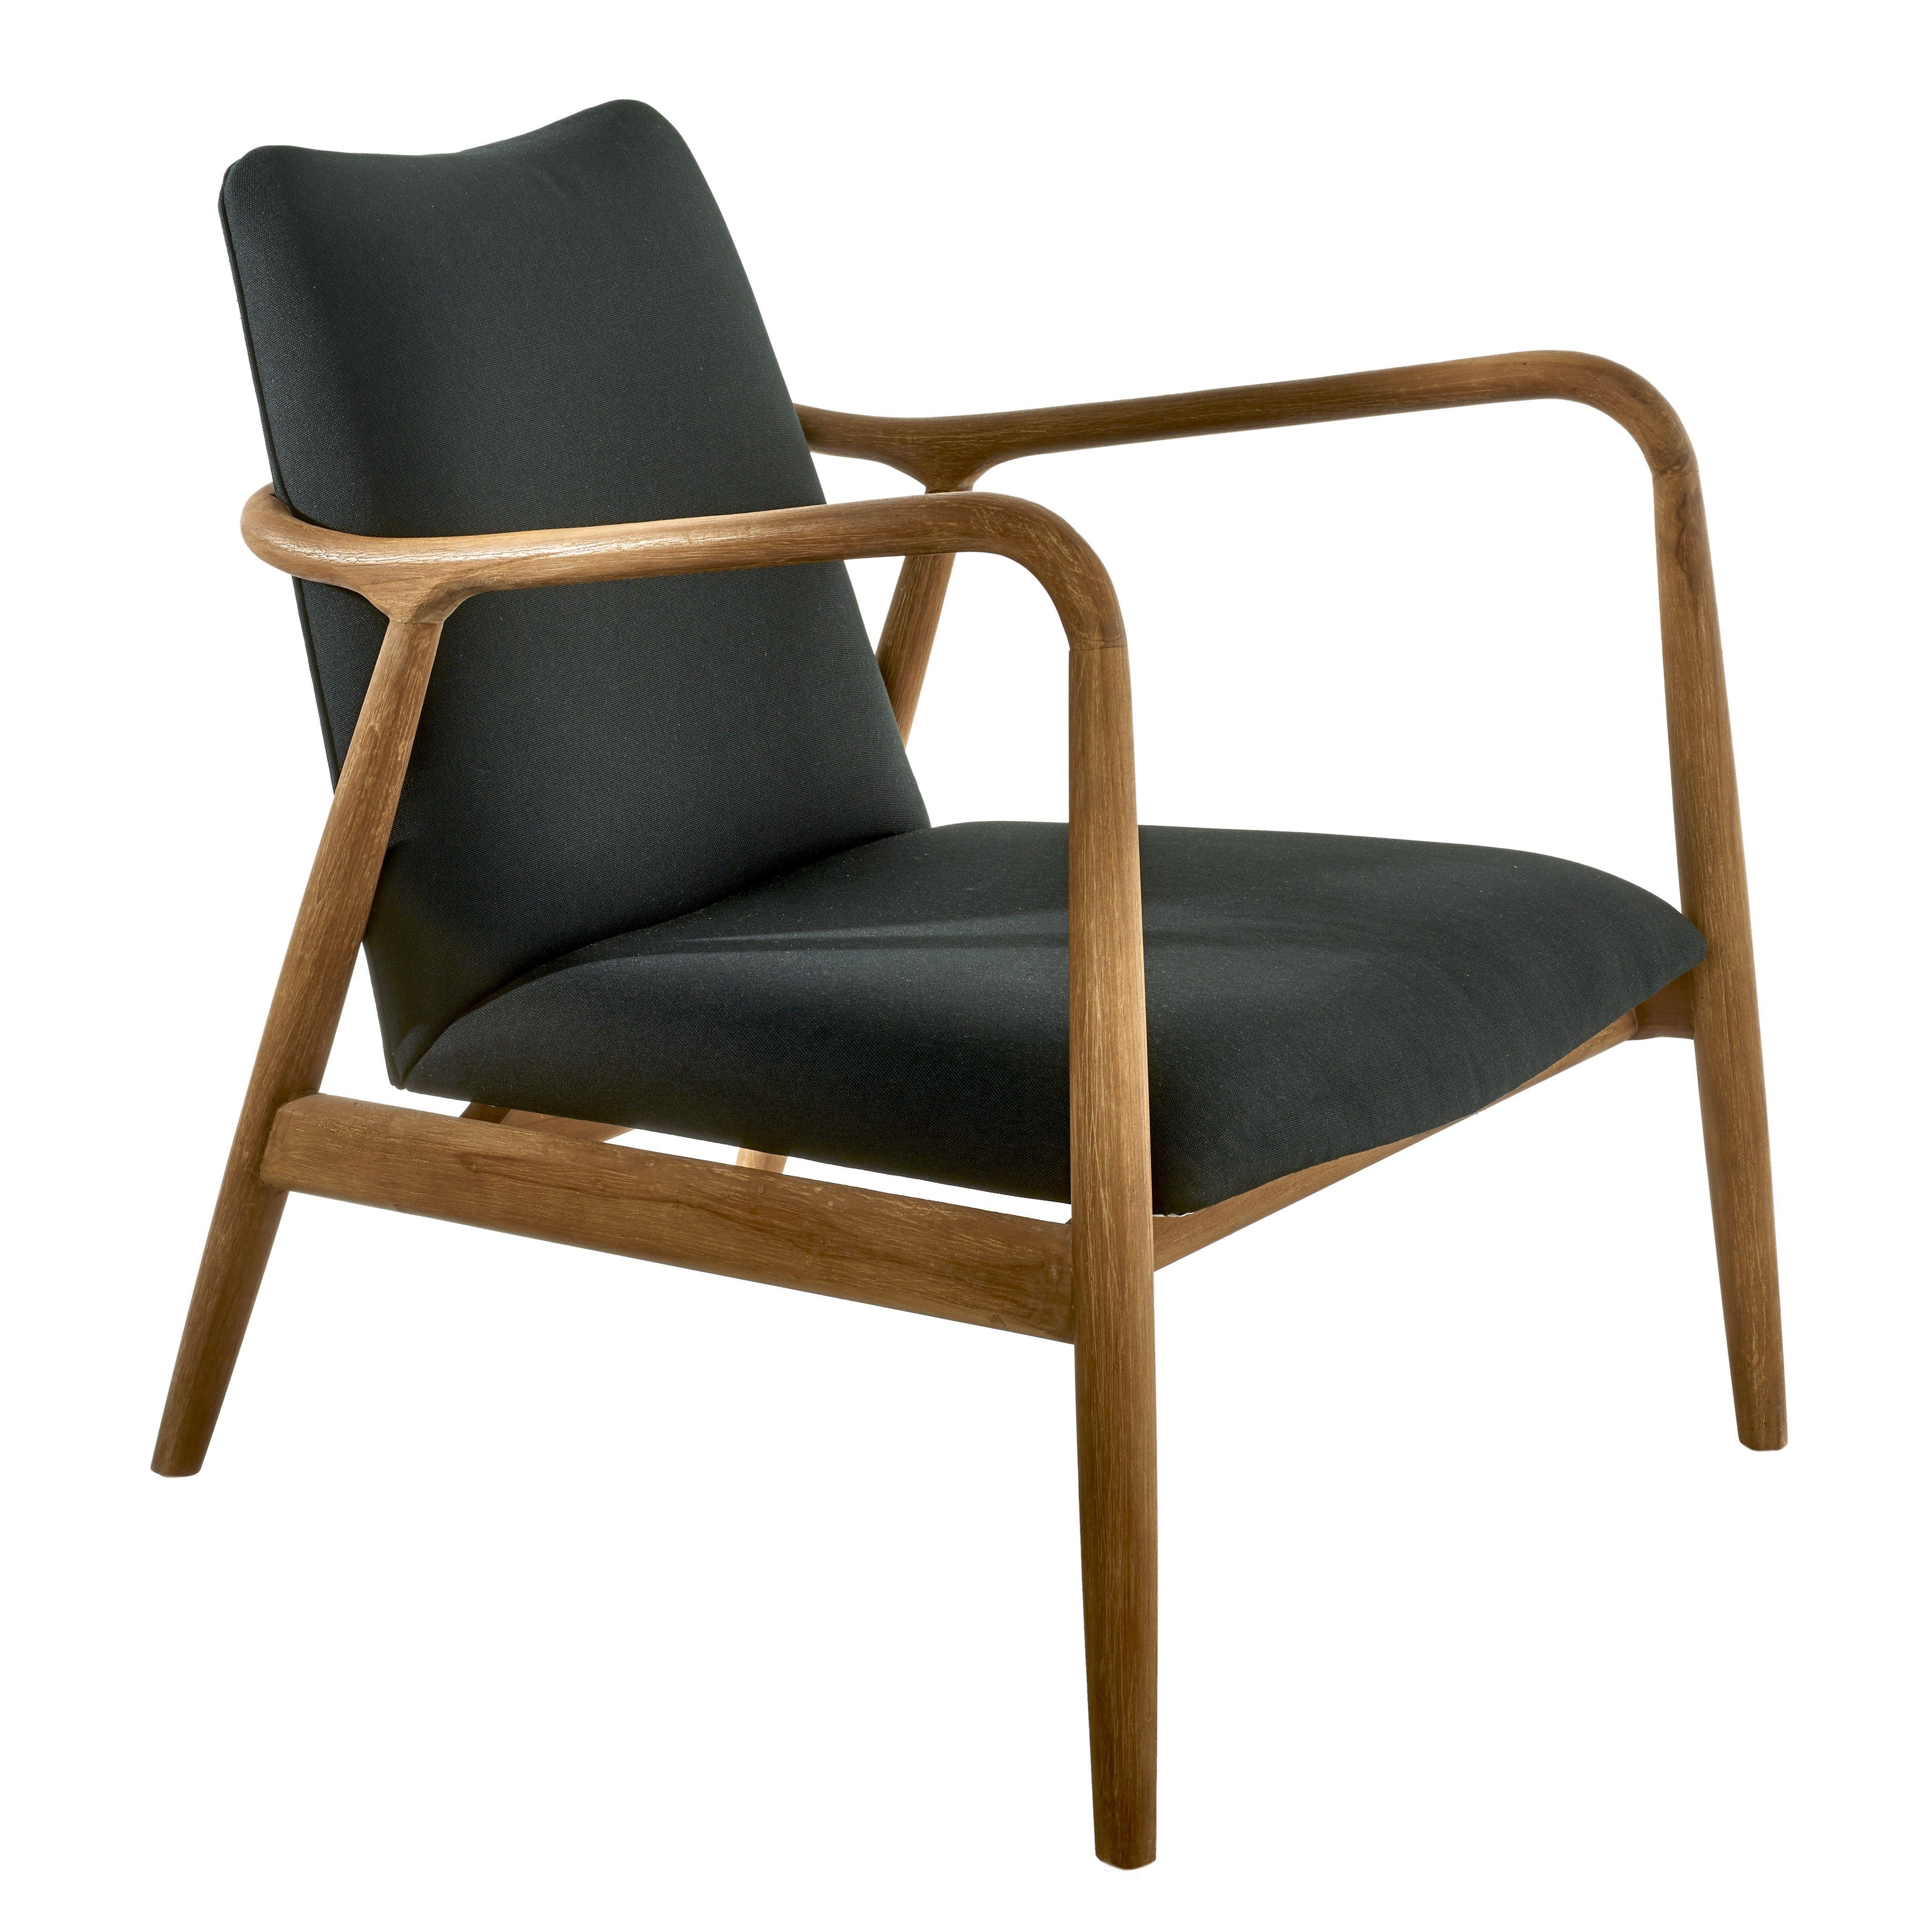 Houten Design Fauteuil.Pols Potten Chair Charles Fauteuil Flinders Verzendt Gratis